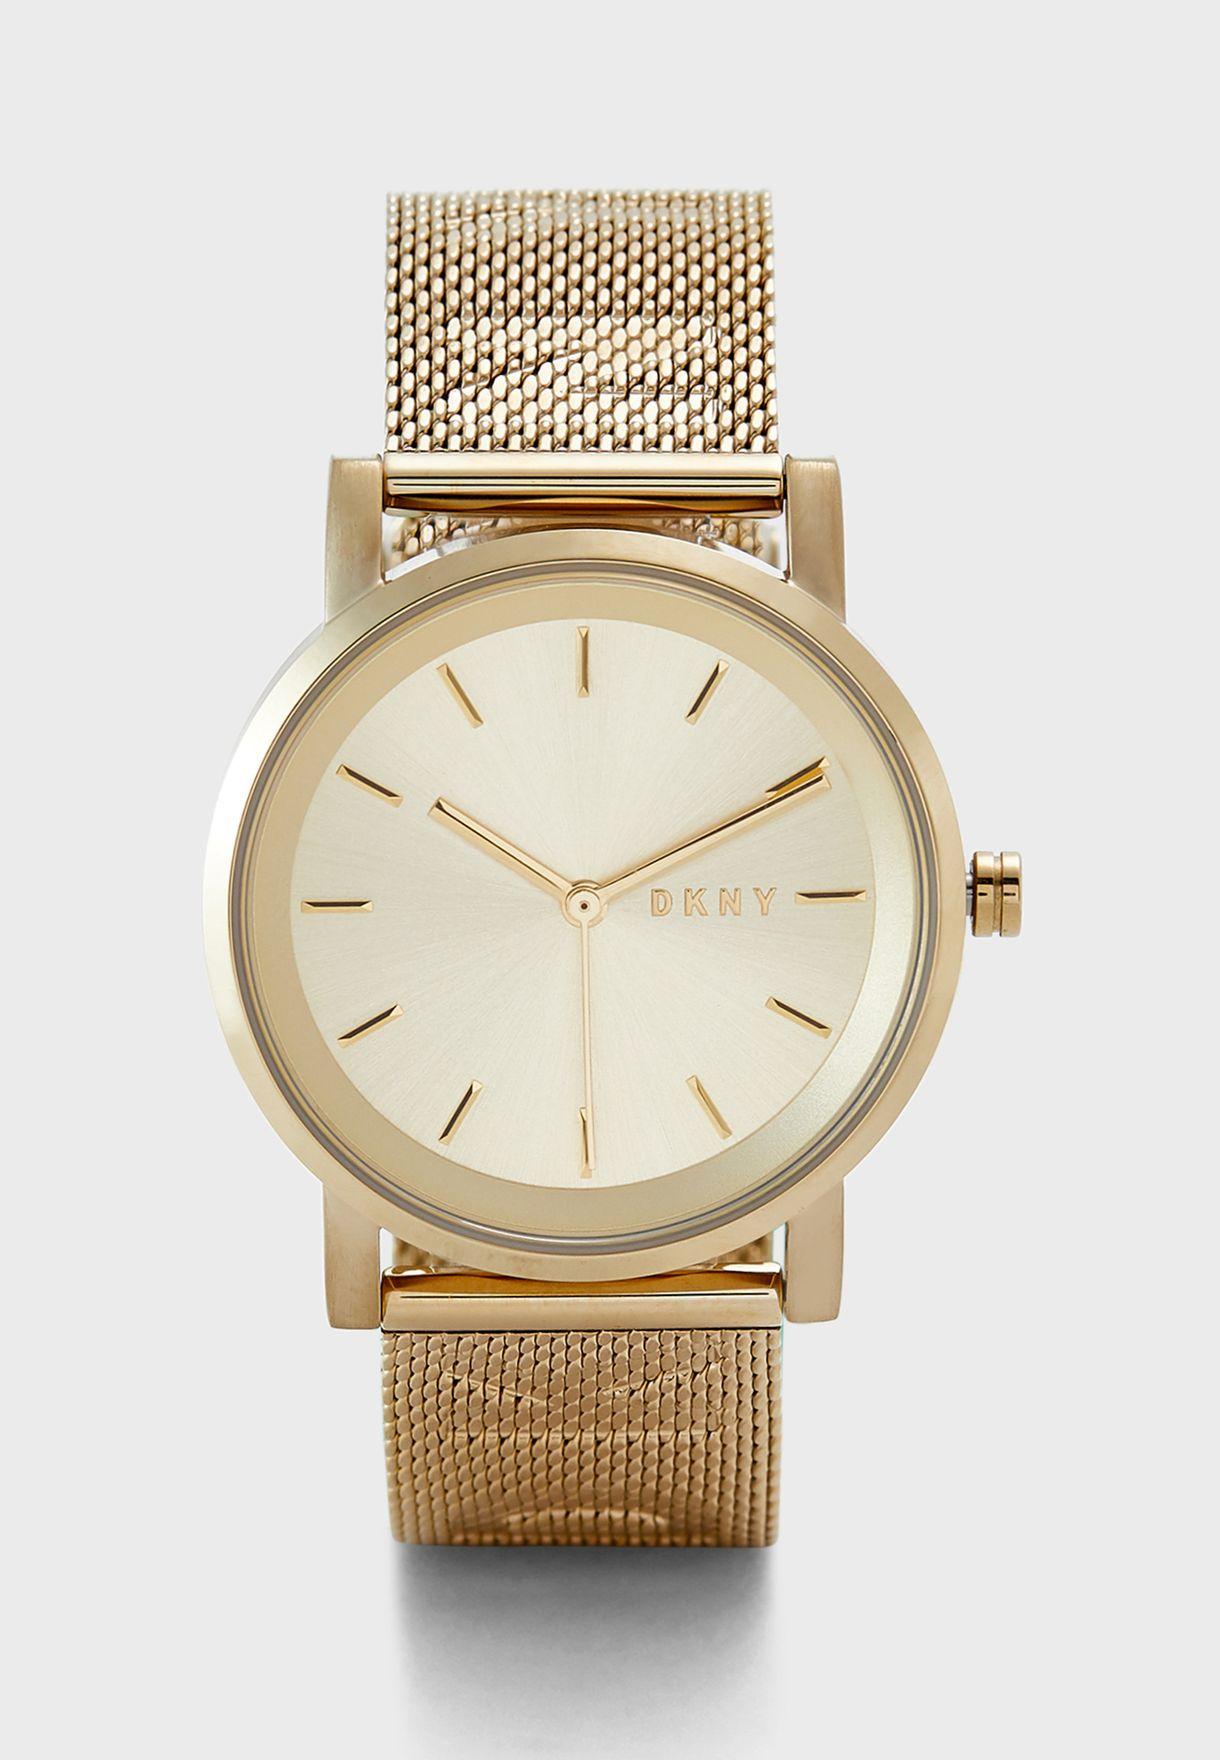 052ccca191eb3 تسوق ساعة انالوج ماركة دكني لون ذهبي NY2621 في السعودية - DK790AC71WOE